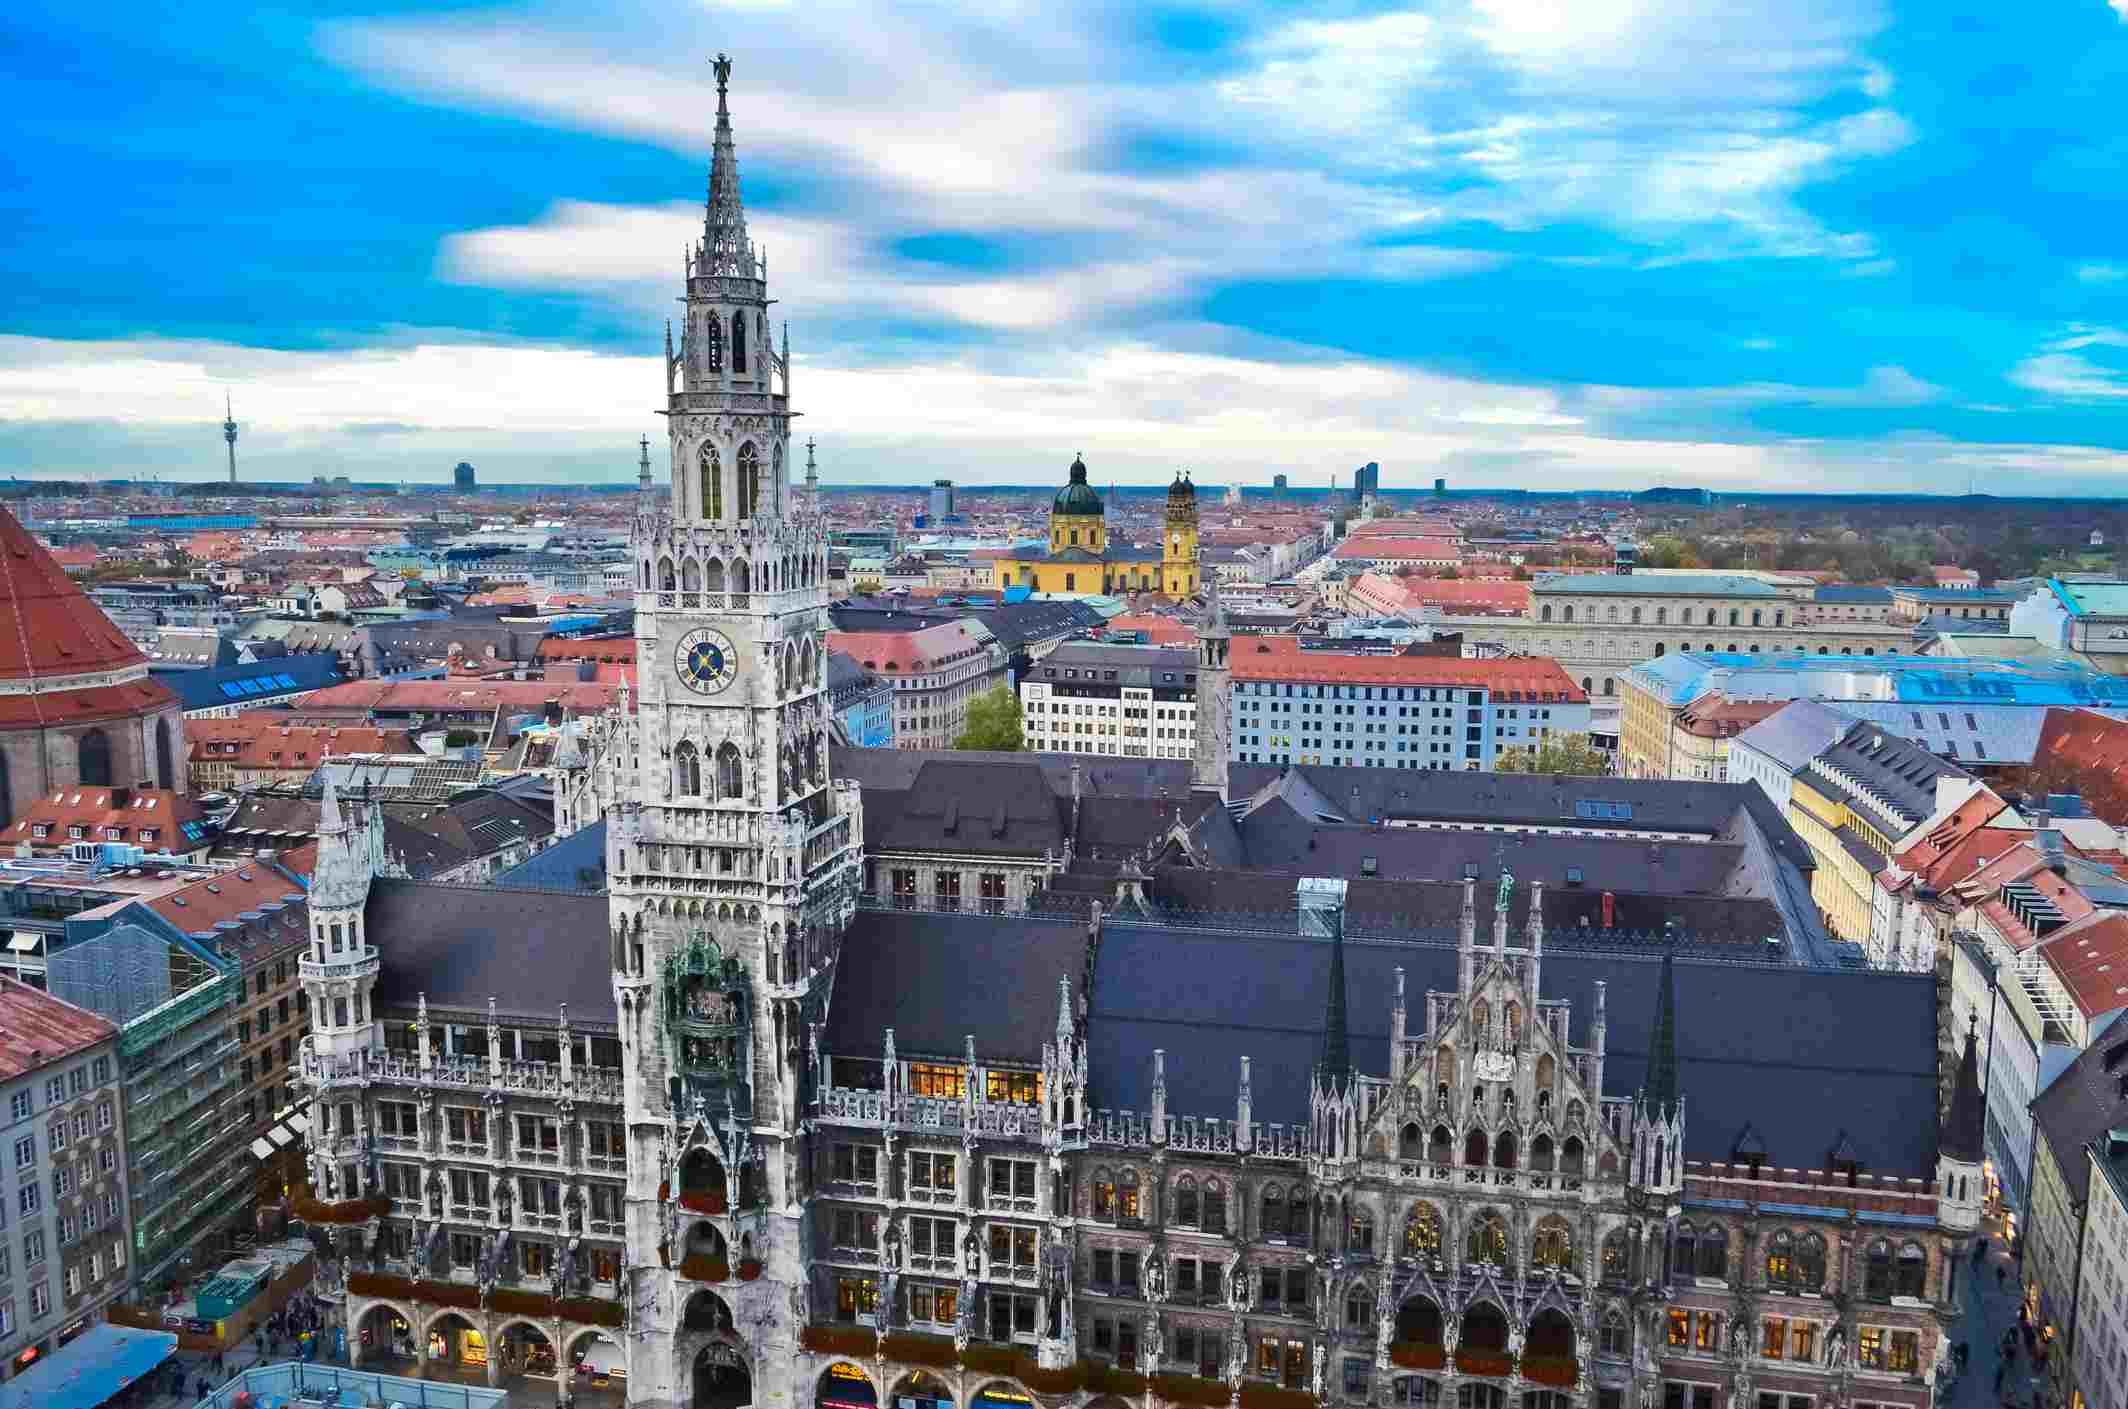 Munich Marienplatz and Glockenspiel